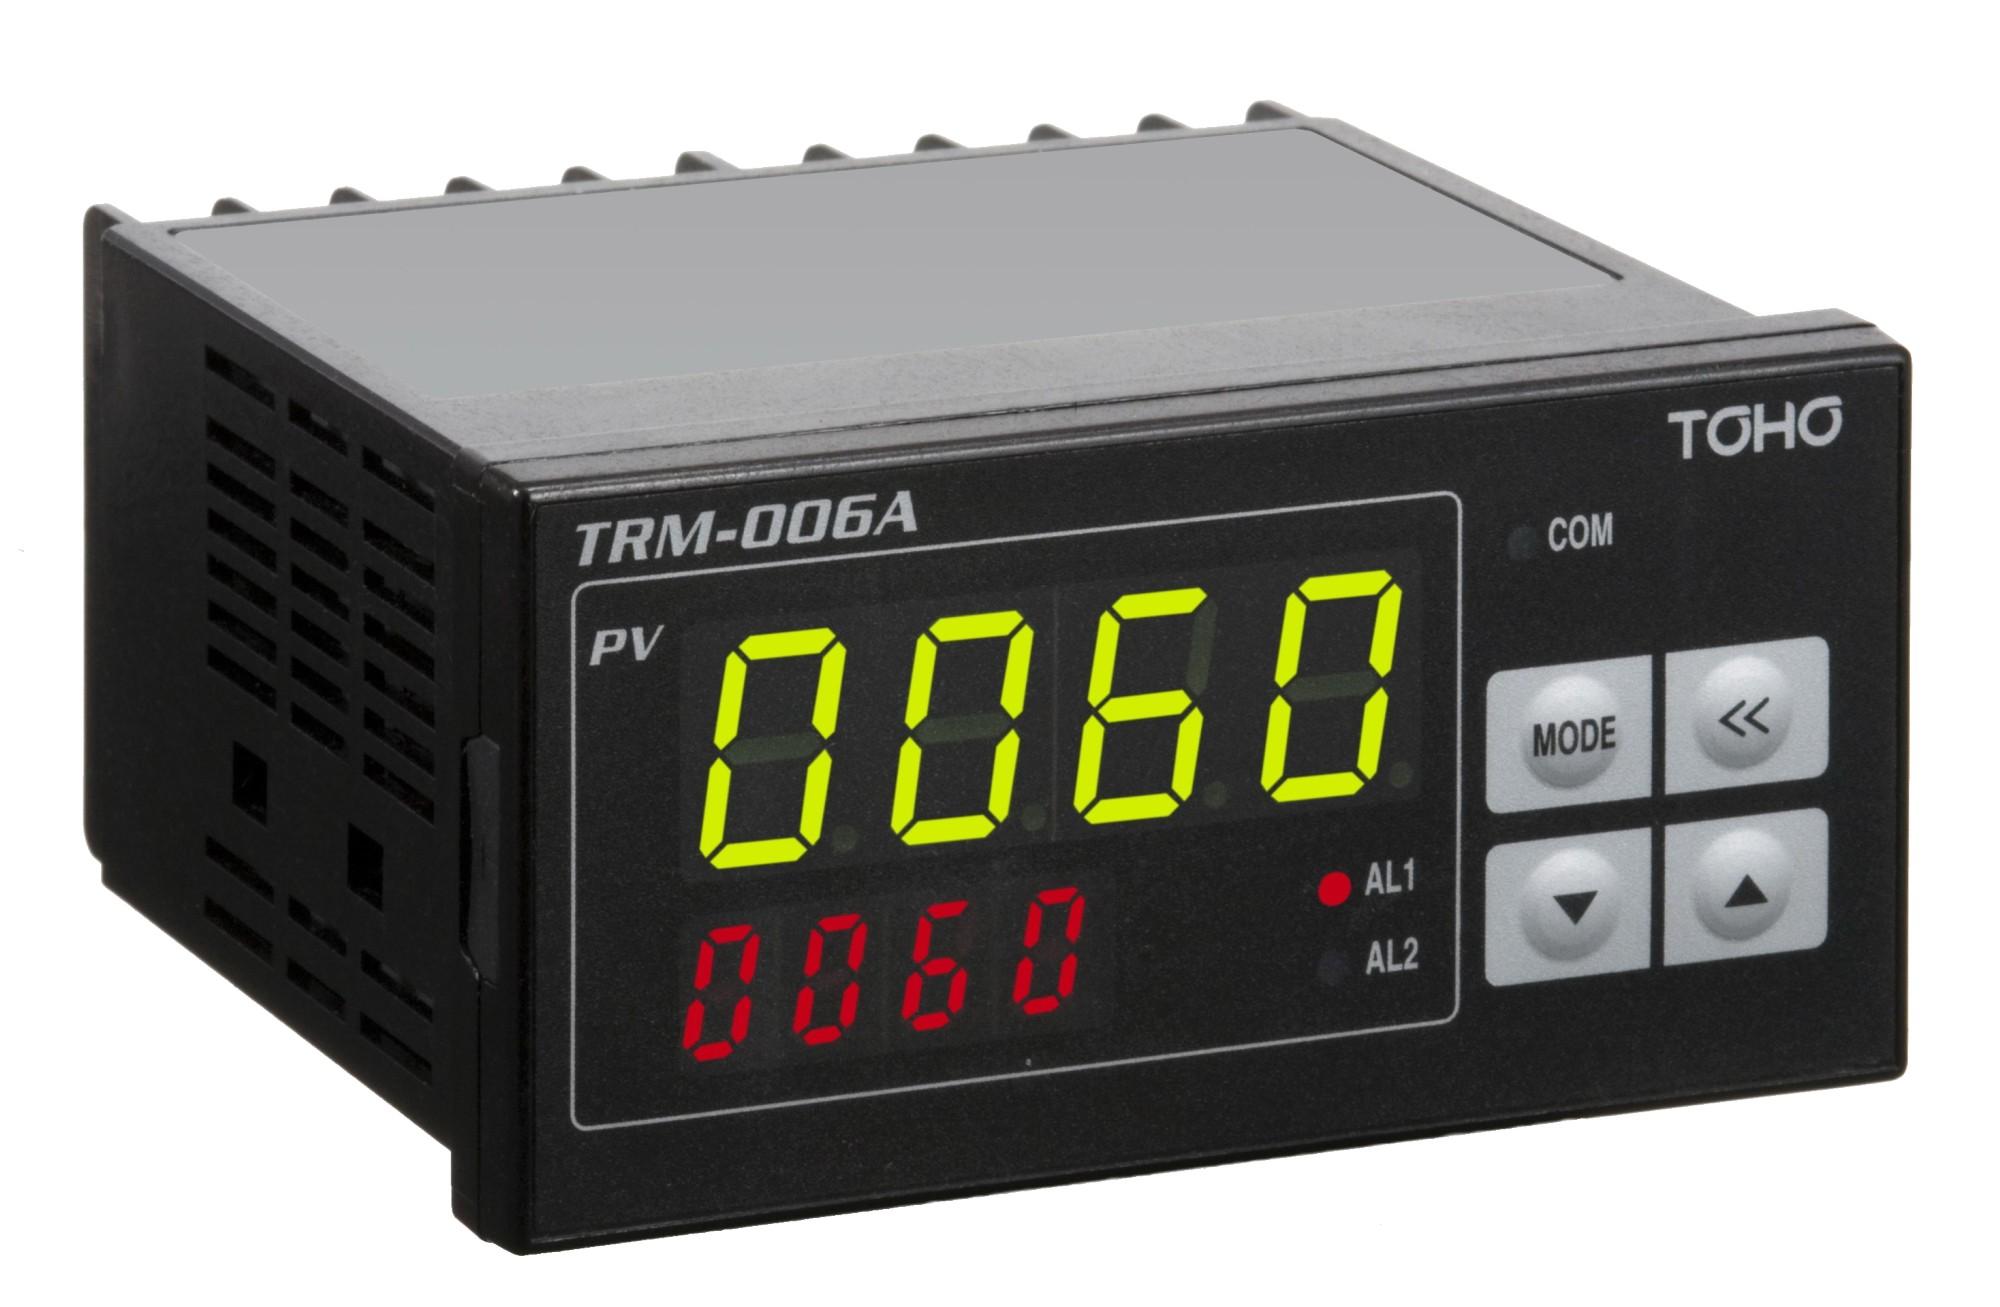 デジタル指示計TRM-006A